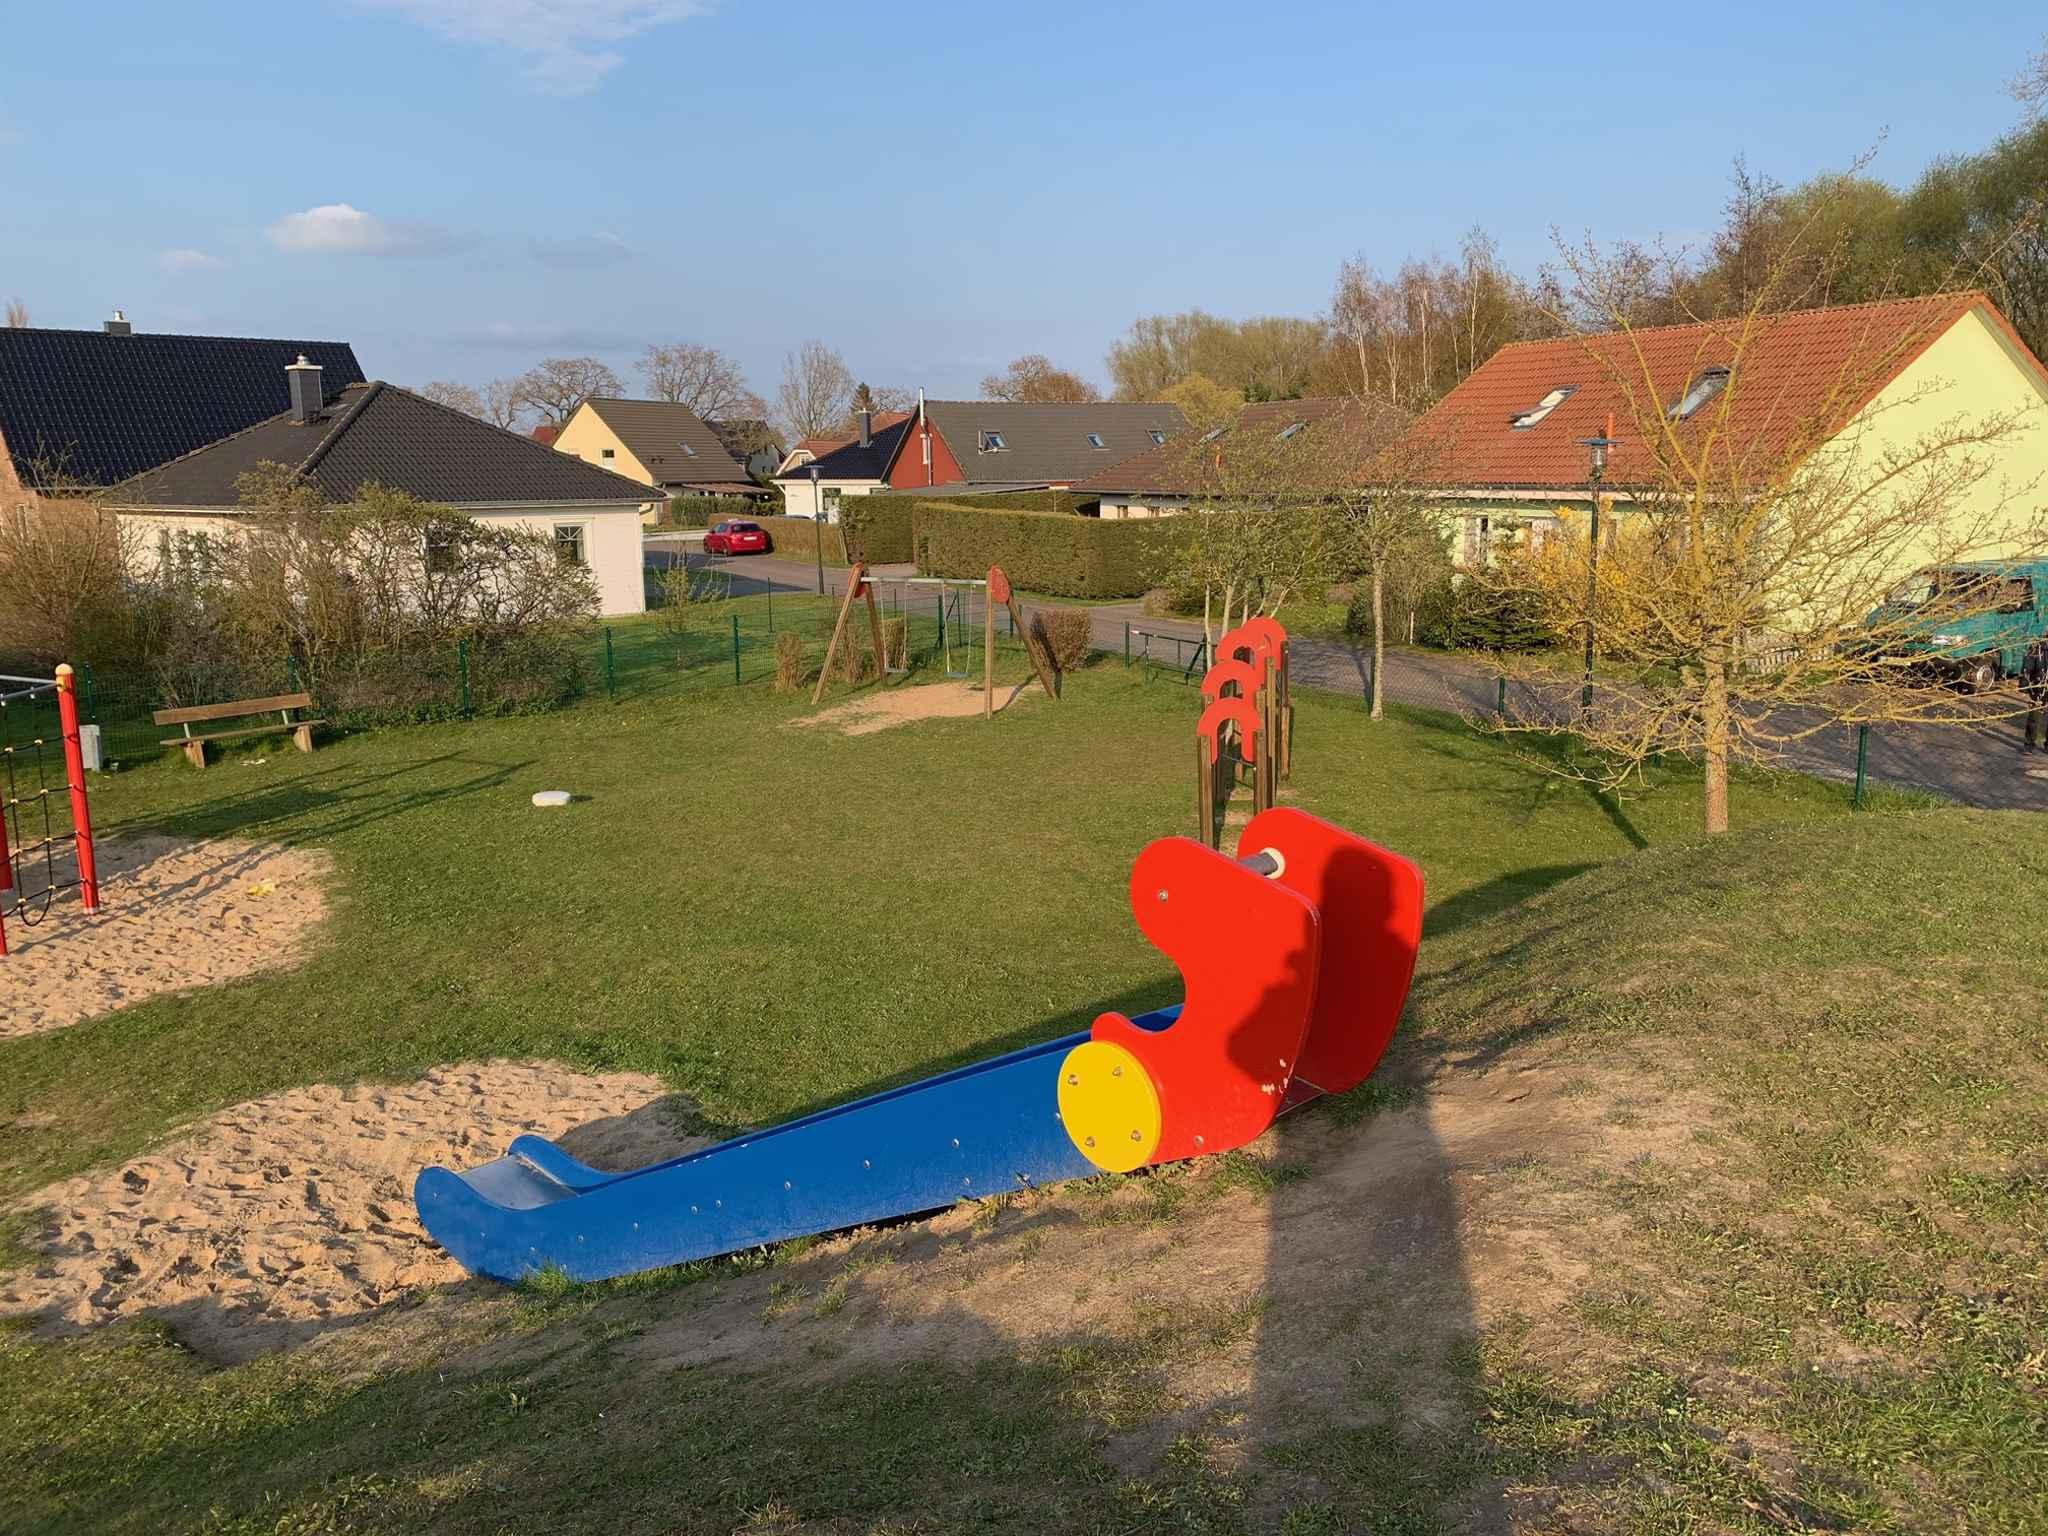 Ferienwohnung mit Garten, direkt im Kranichrastgebiet (360790), Klausdorf, Stralsund, Mecklenburg-Vorpommern, Deutschland, Bild 7